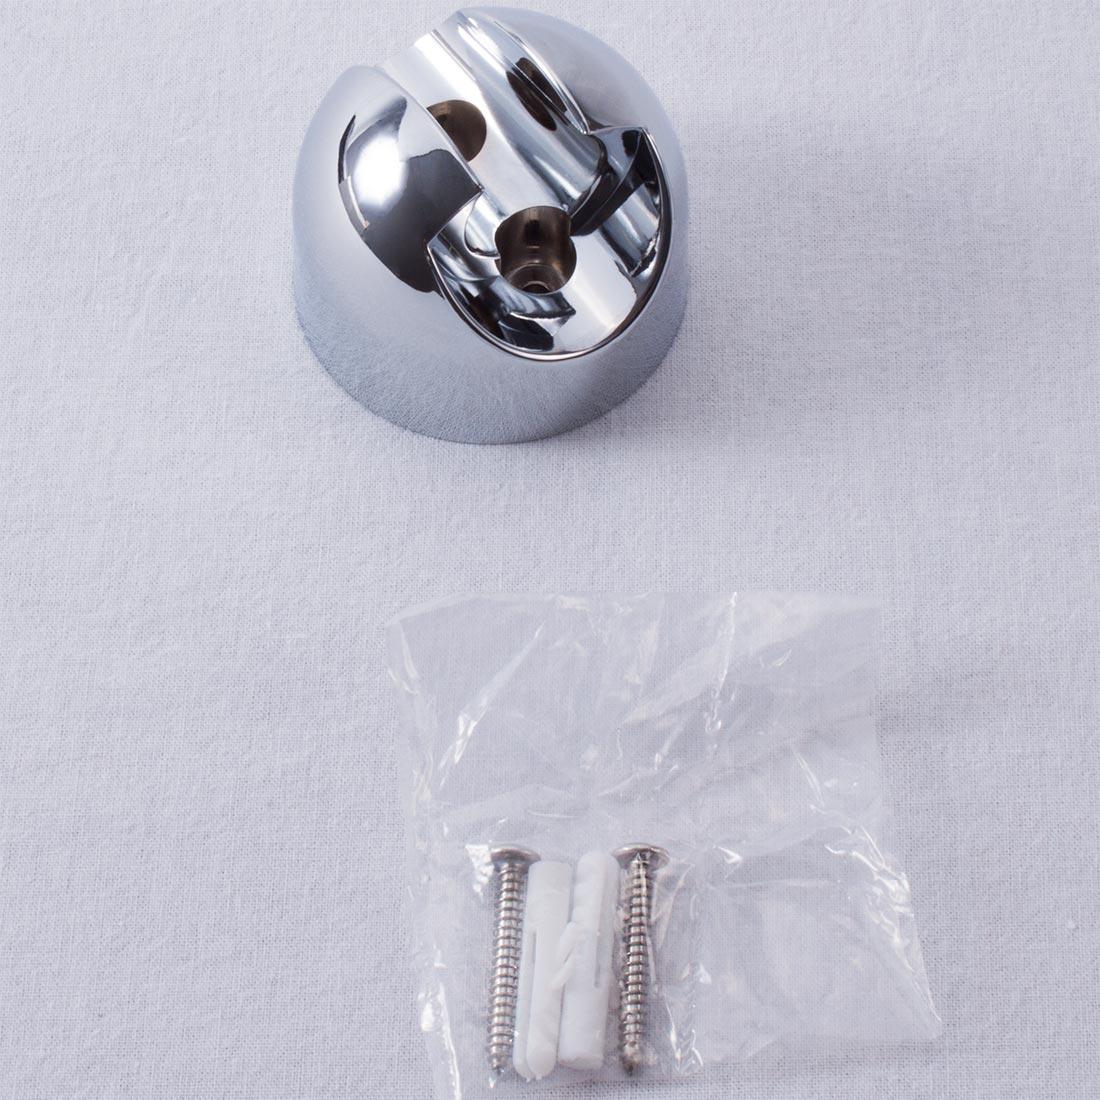 Handduschhållare i kromad stål